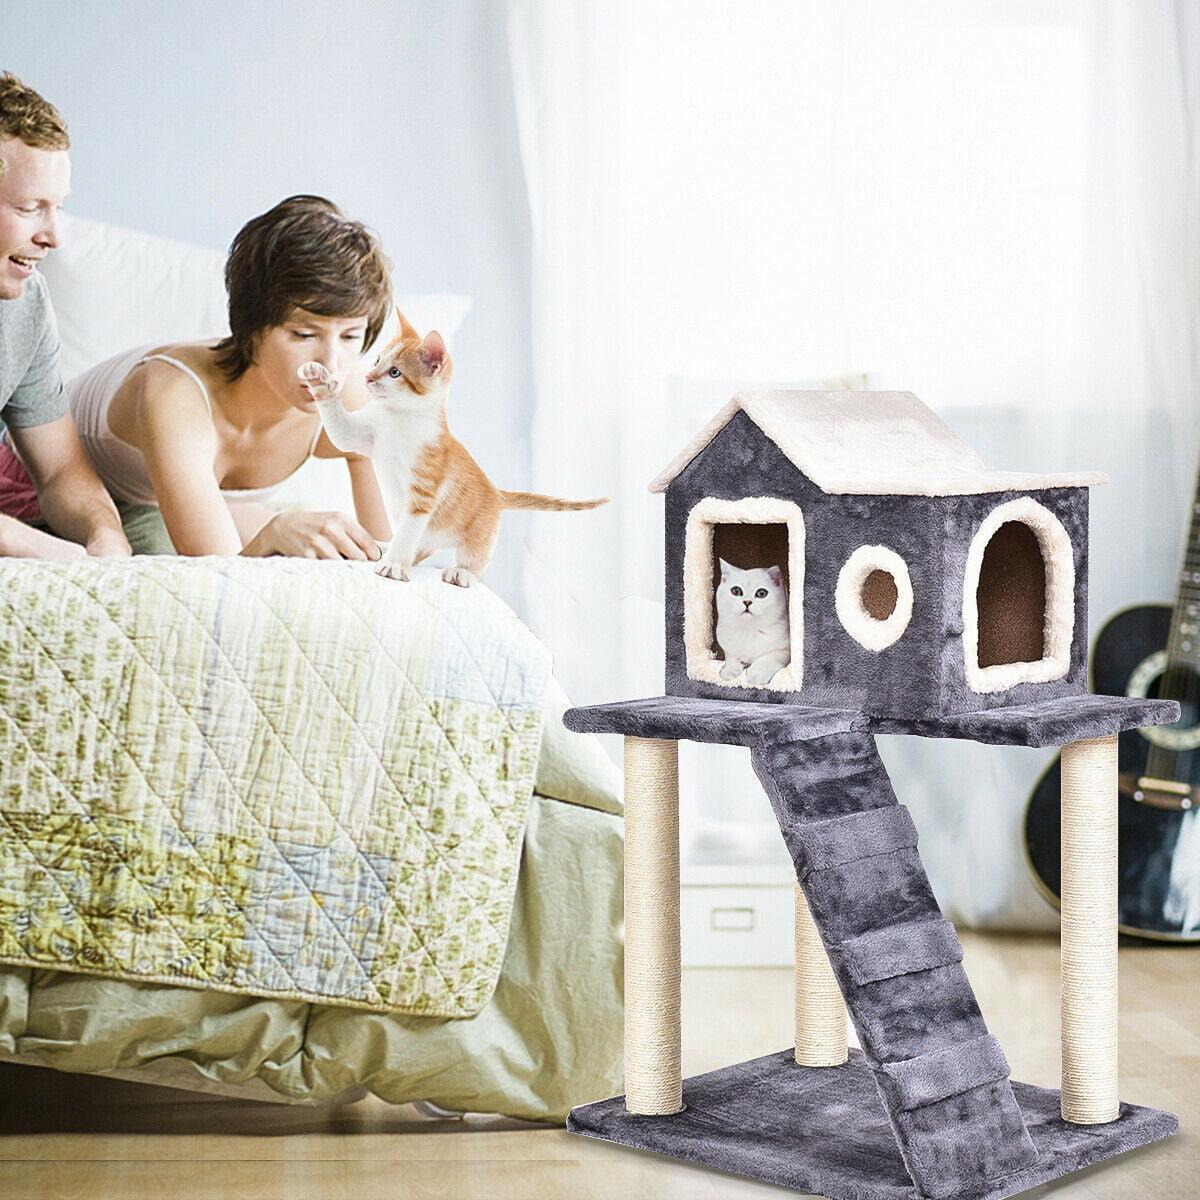 Griffoir Chat Fait Maison gymax arbre à chat centre d'activité géant griffoir maison grimper à chat  renforcée 60 x 45 x 88 cm gris avec echelle